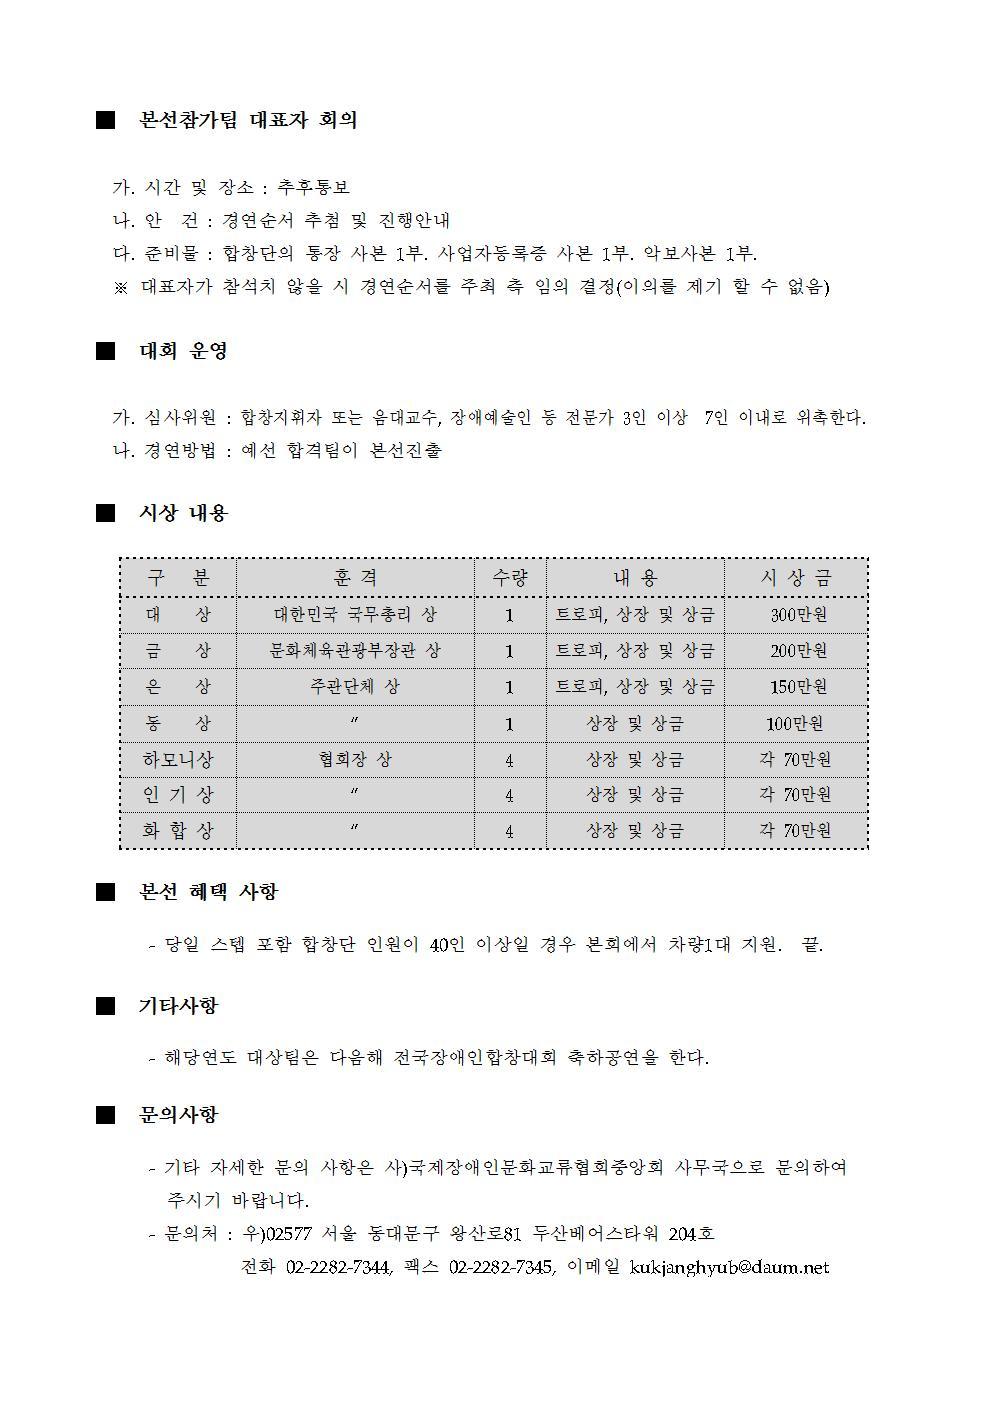 16-전국장애인합창대회_대회요강(홈페이지)004.jpg